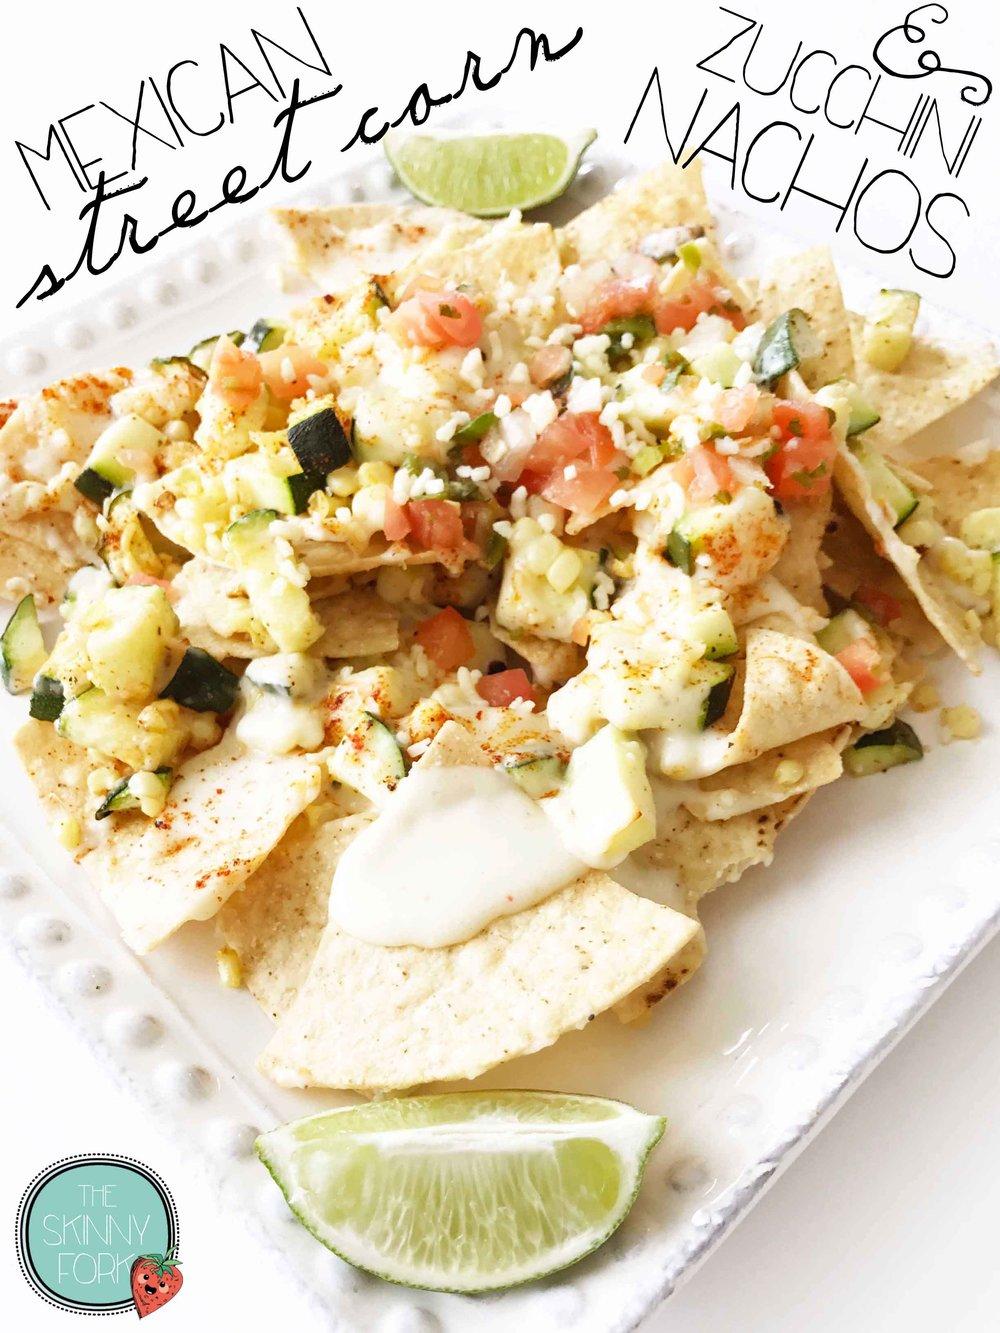 mexican-street-corn-nachos-pin.jpg